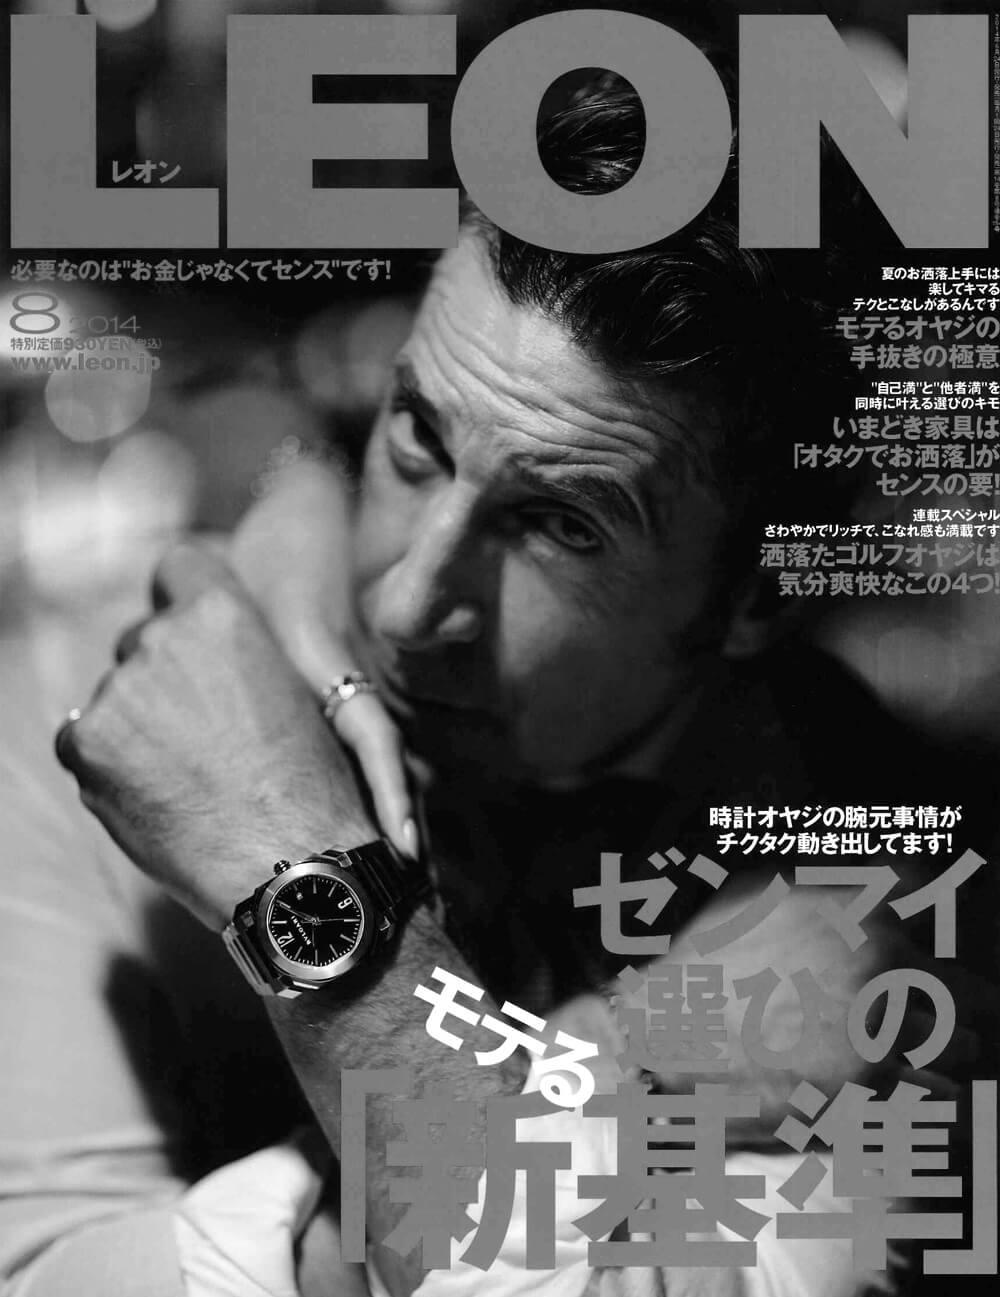 レオン2014年8月号 表紙 LEON 201408